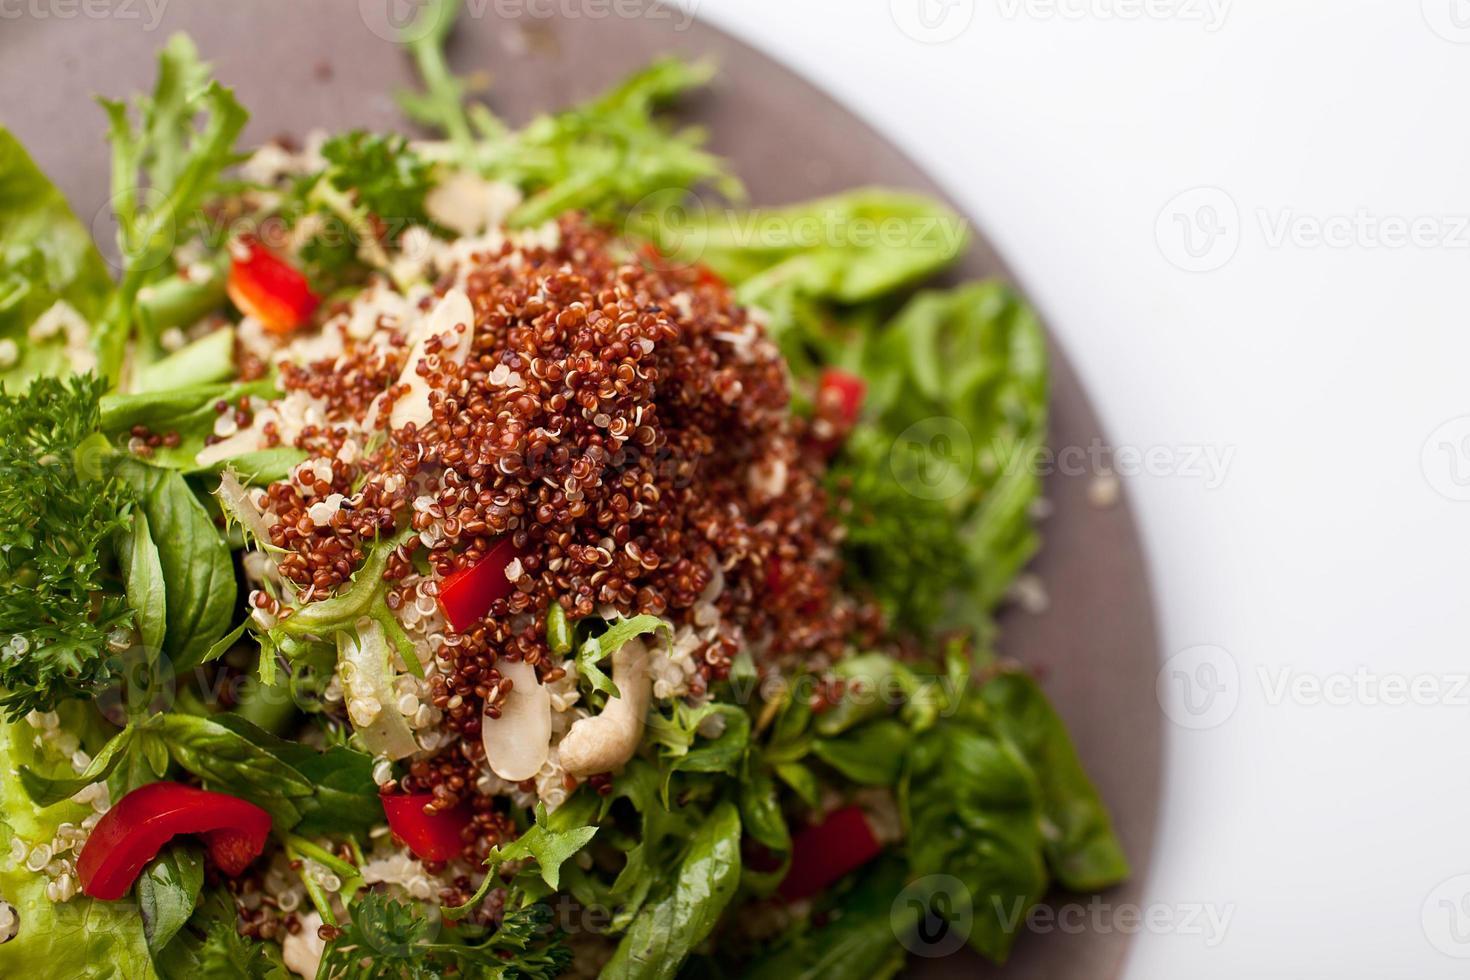 salade de quinoa aux feuilles vertes, basilic, poivron rouge, noix de cajou, photo